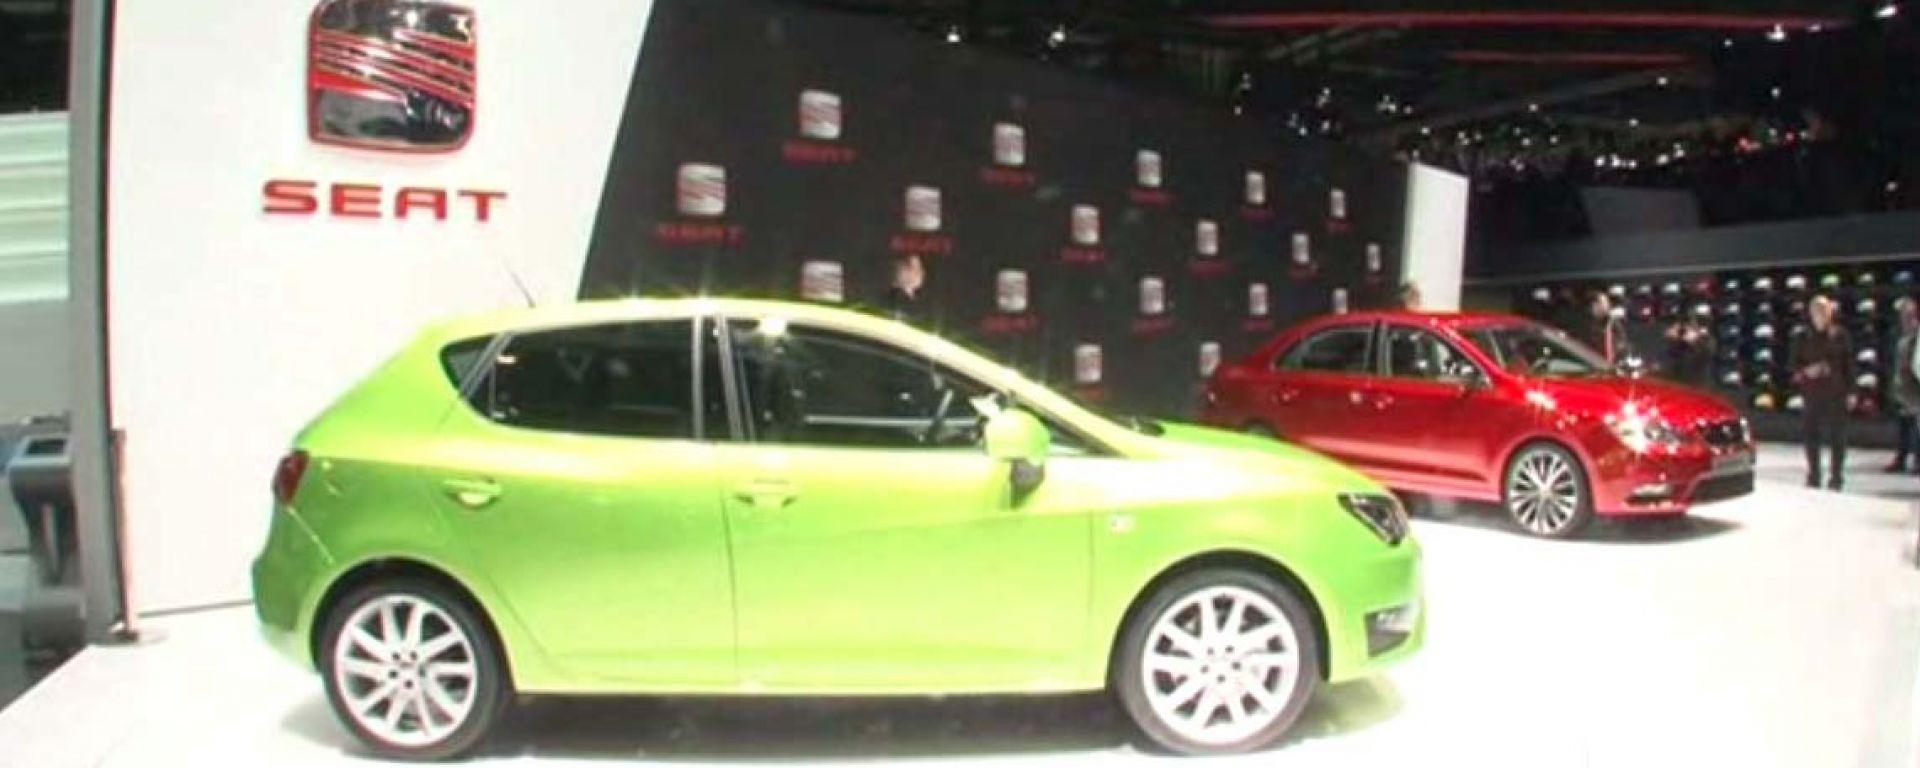 Salone di Ginevra 2012: Seat